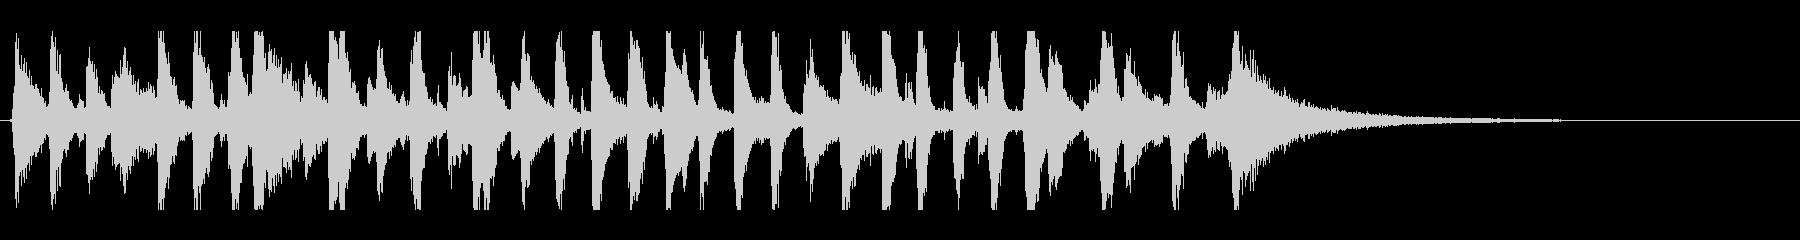 ピアノジングルオールドジャズスタイルの未再生の波形